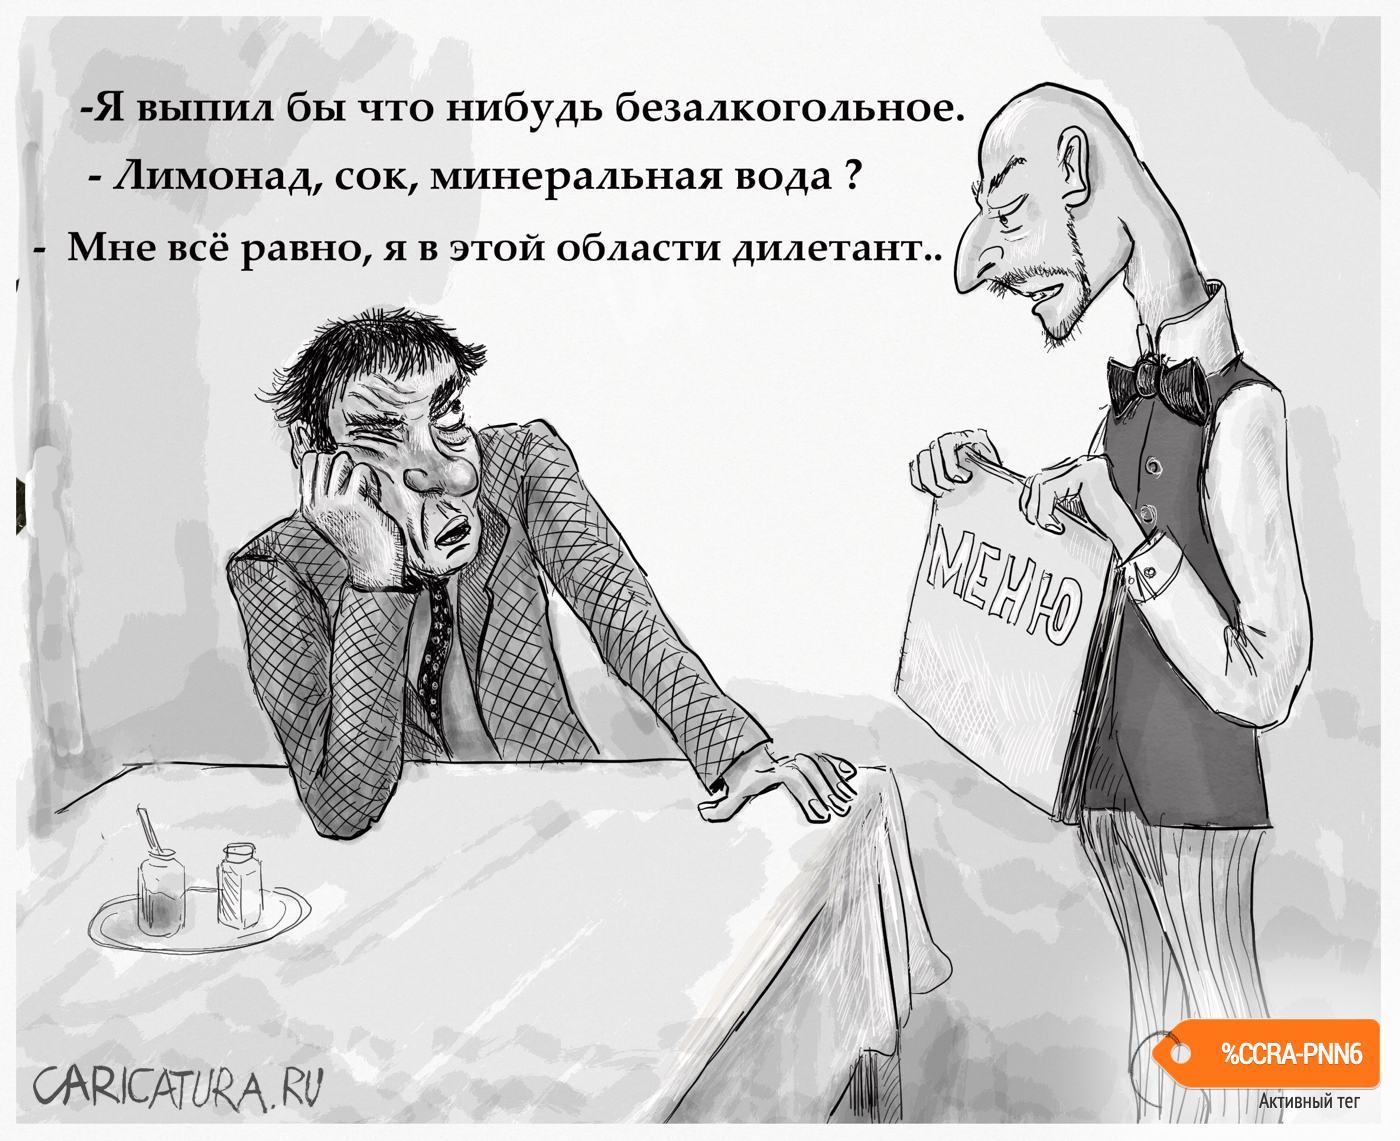 Дилетант, Владимир Силантьев